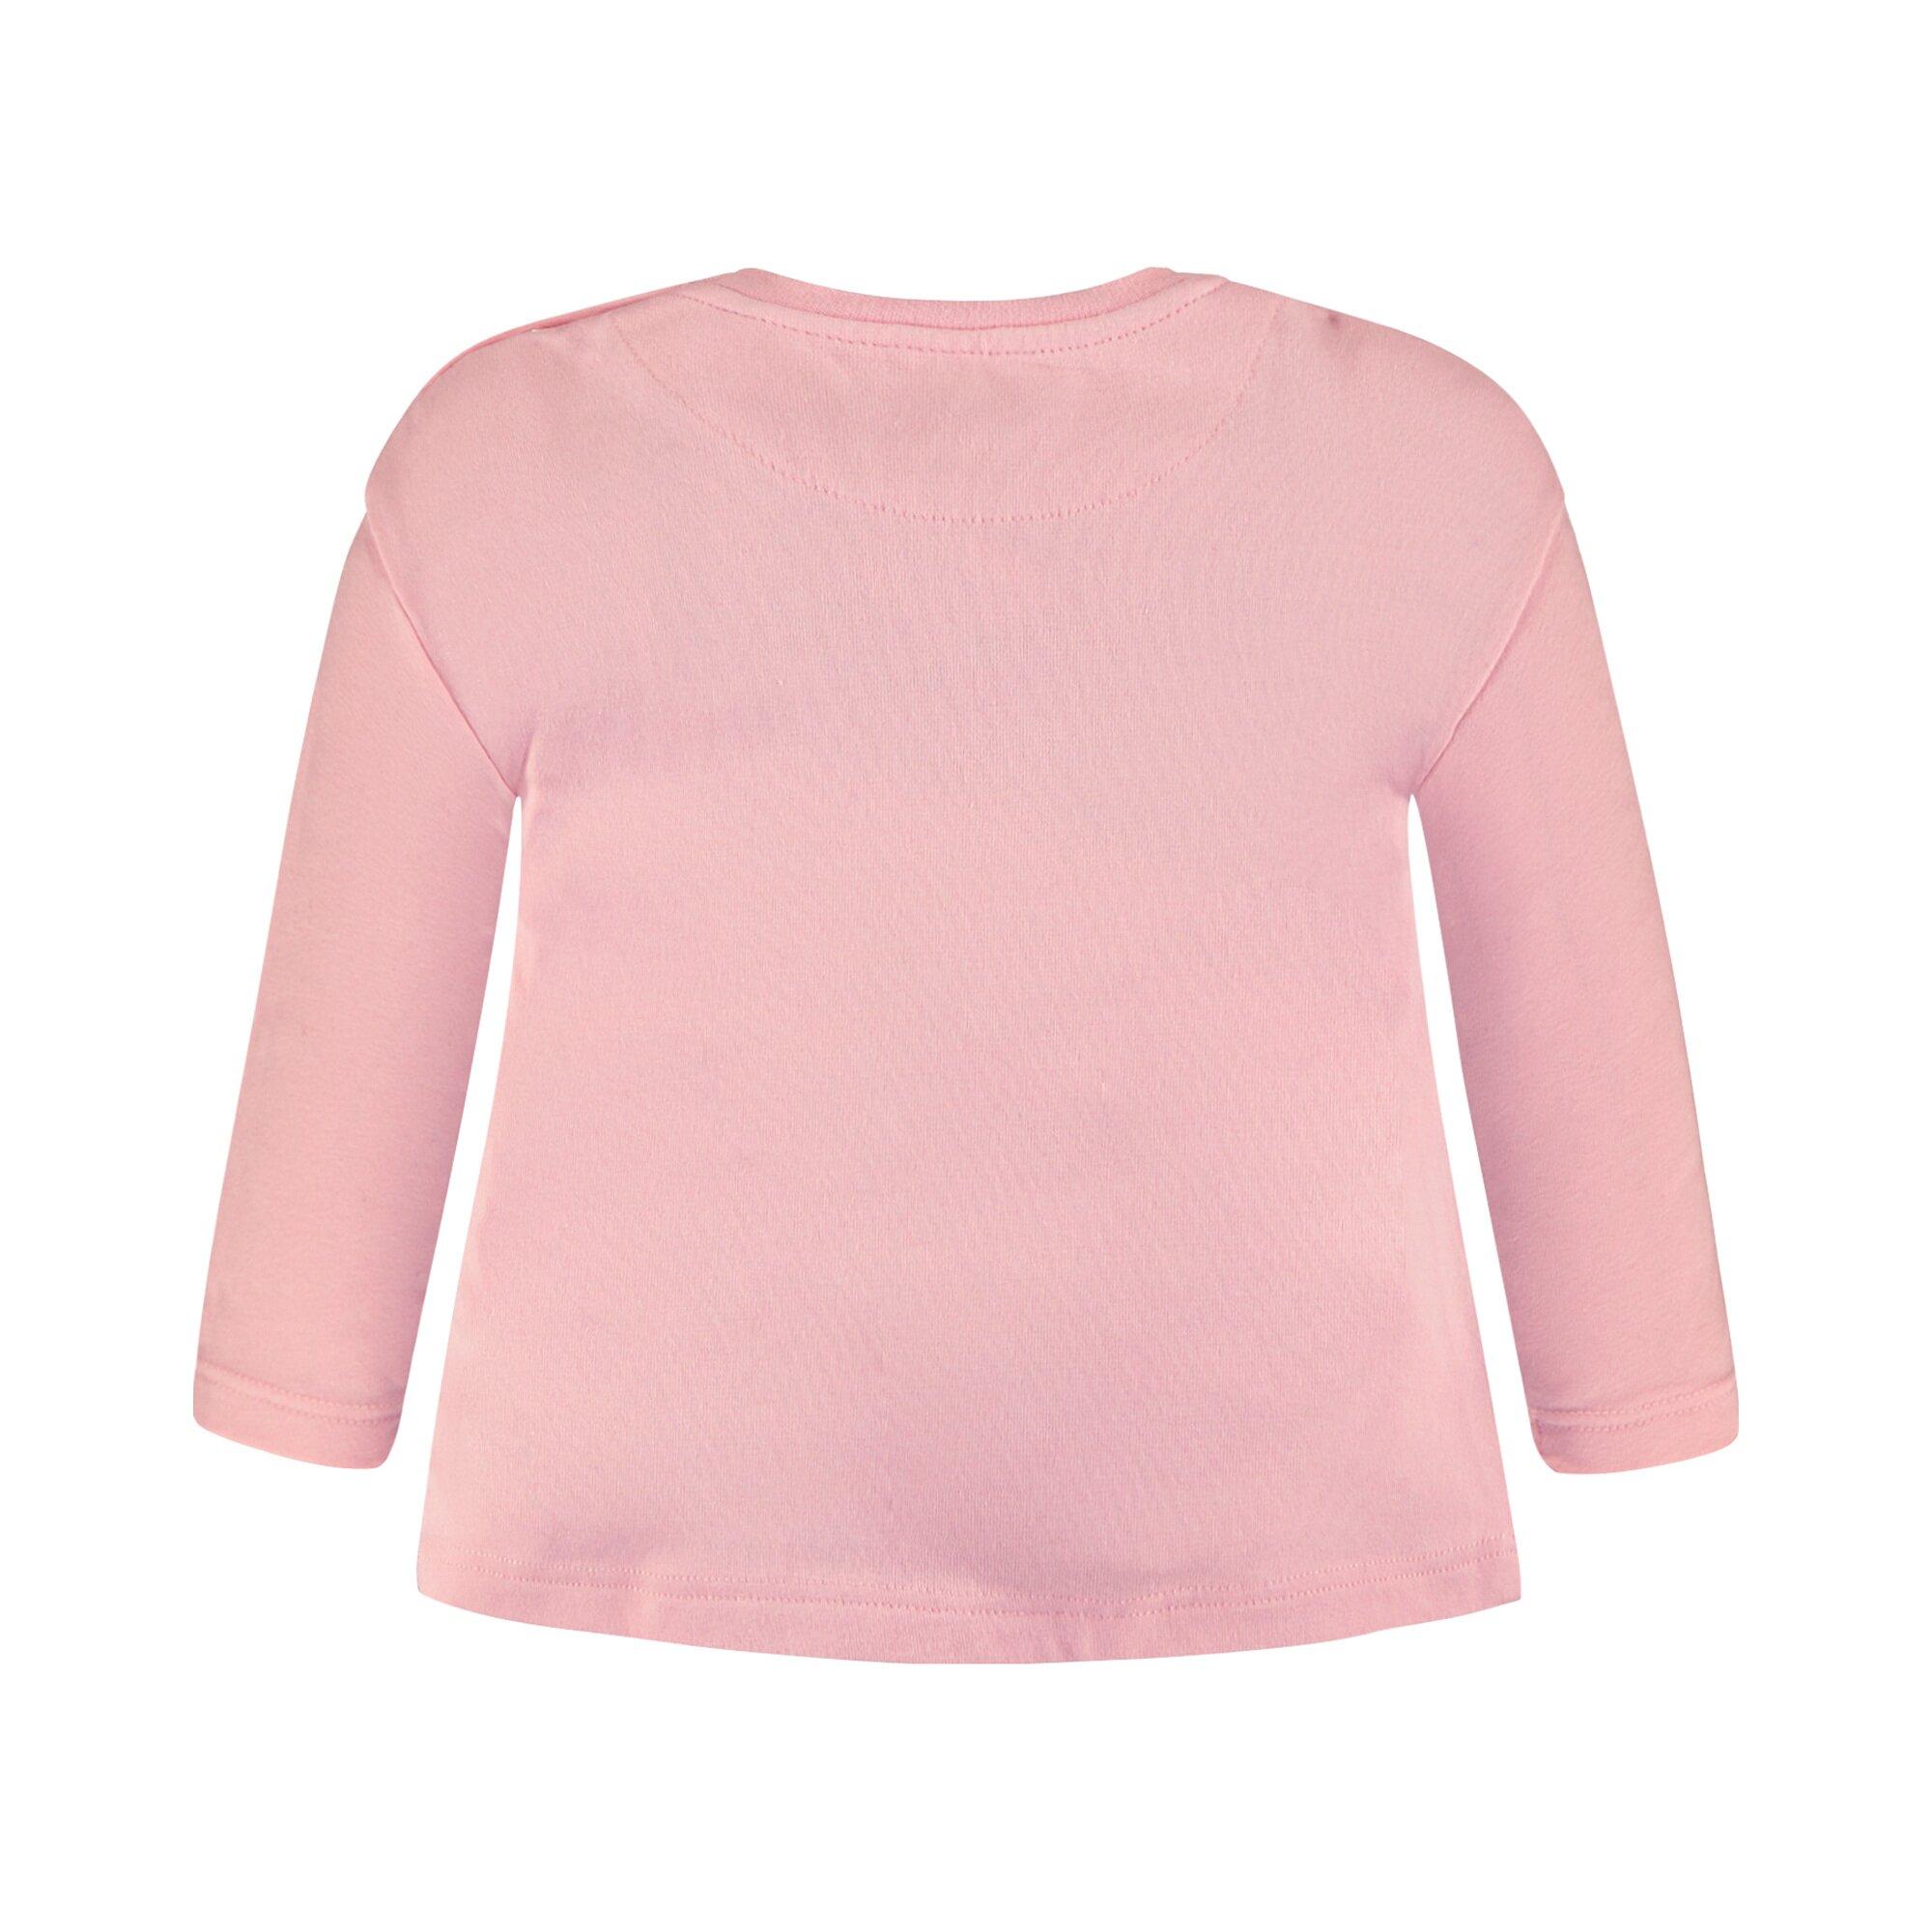 bellybutton-shirt-langarm-schafe